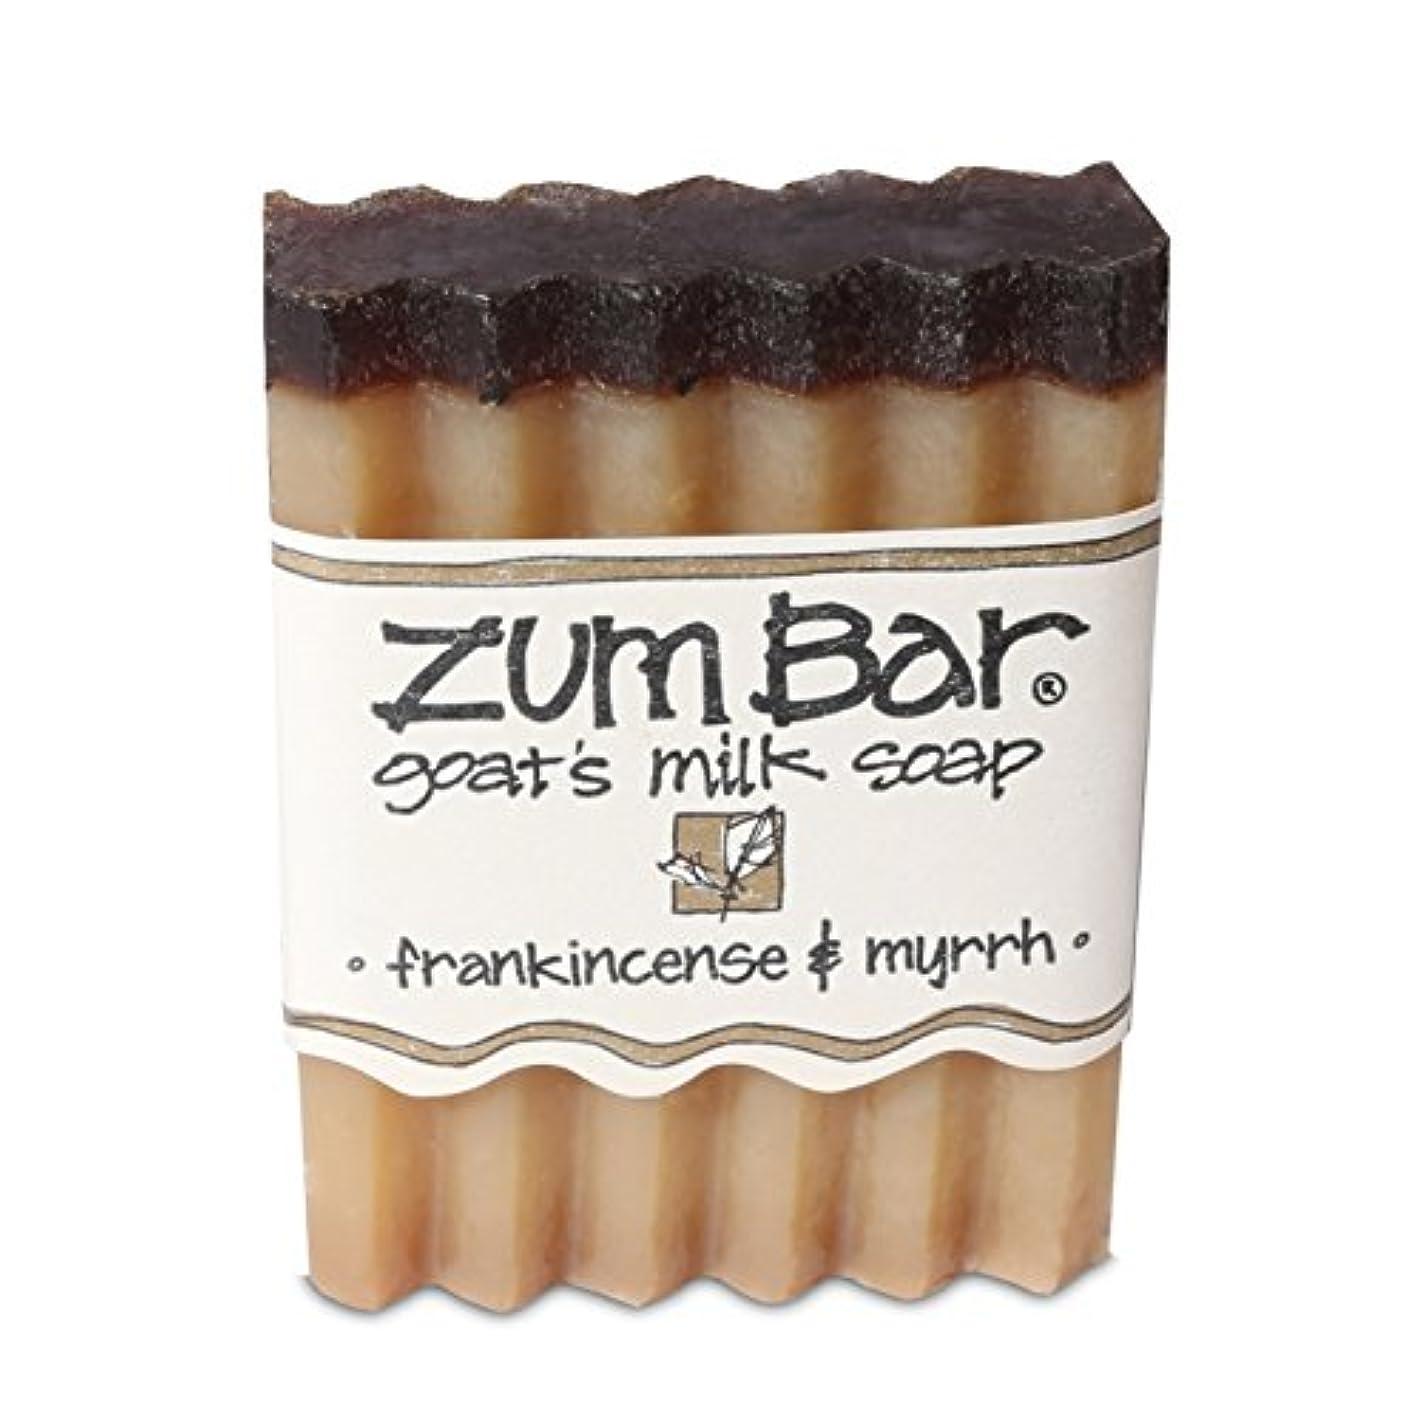 塩辛い意気揚々反響する海外直送品 Indigo Wild, Zum Bar, Goat's ミルク ソープ フランキンセンス&ミルラ, 3 Ounces (2個セット) (Frankincense & Myrrh) [並行輸入品]